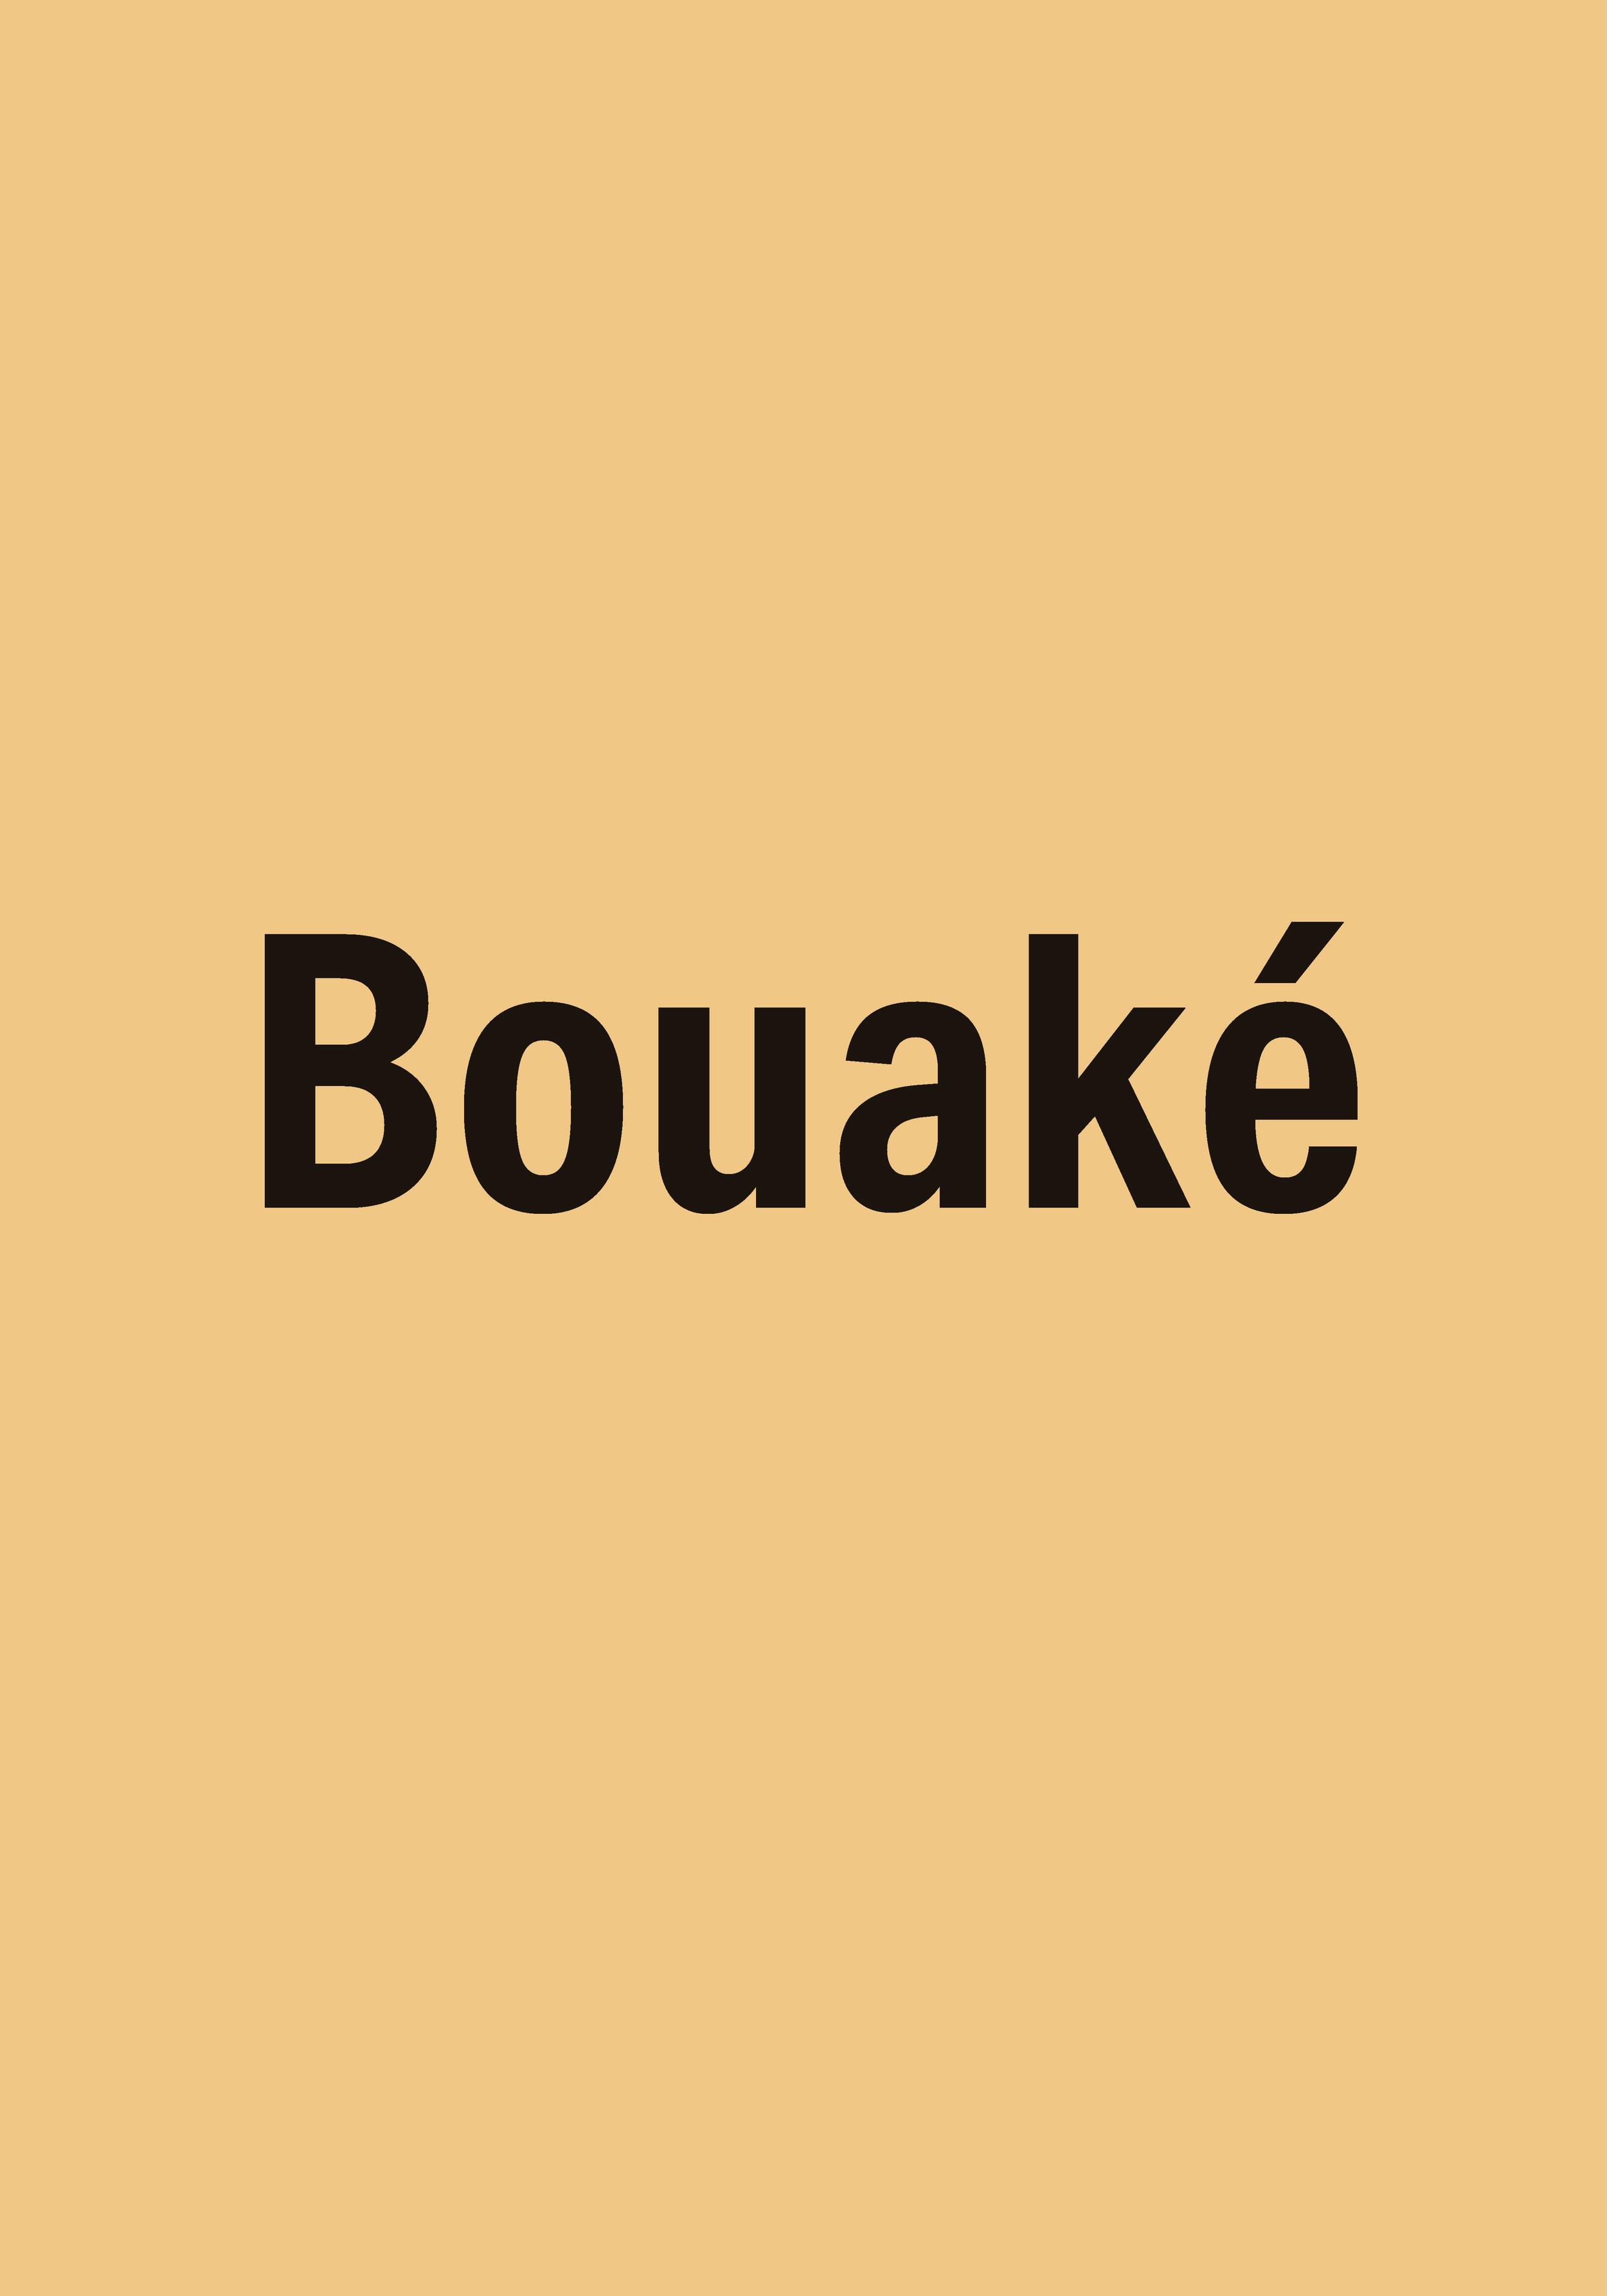 bouake.jpg